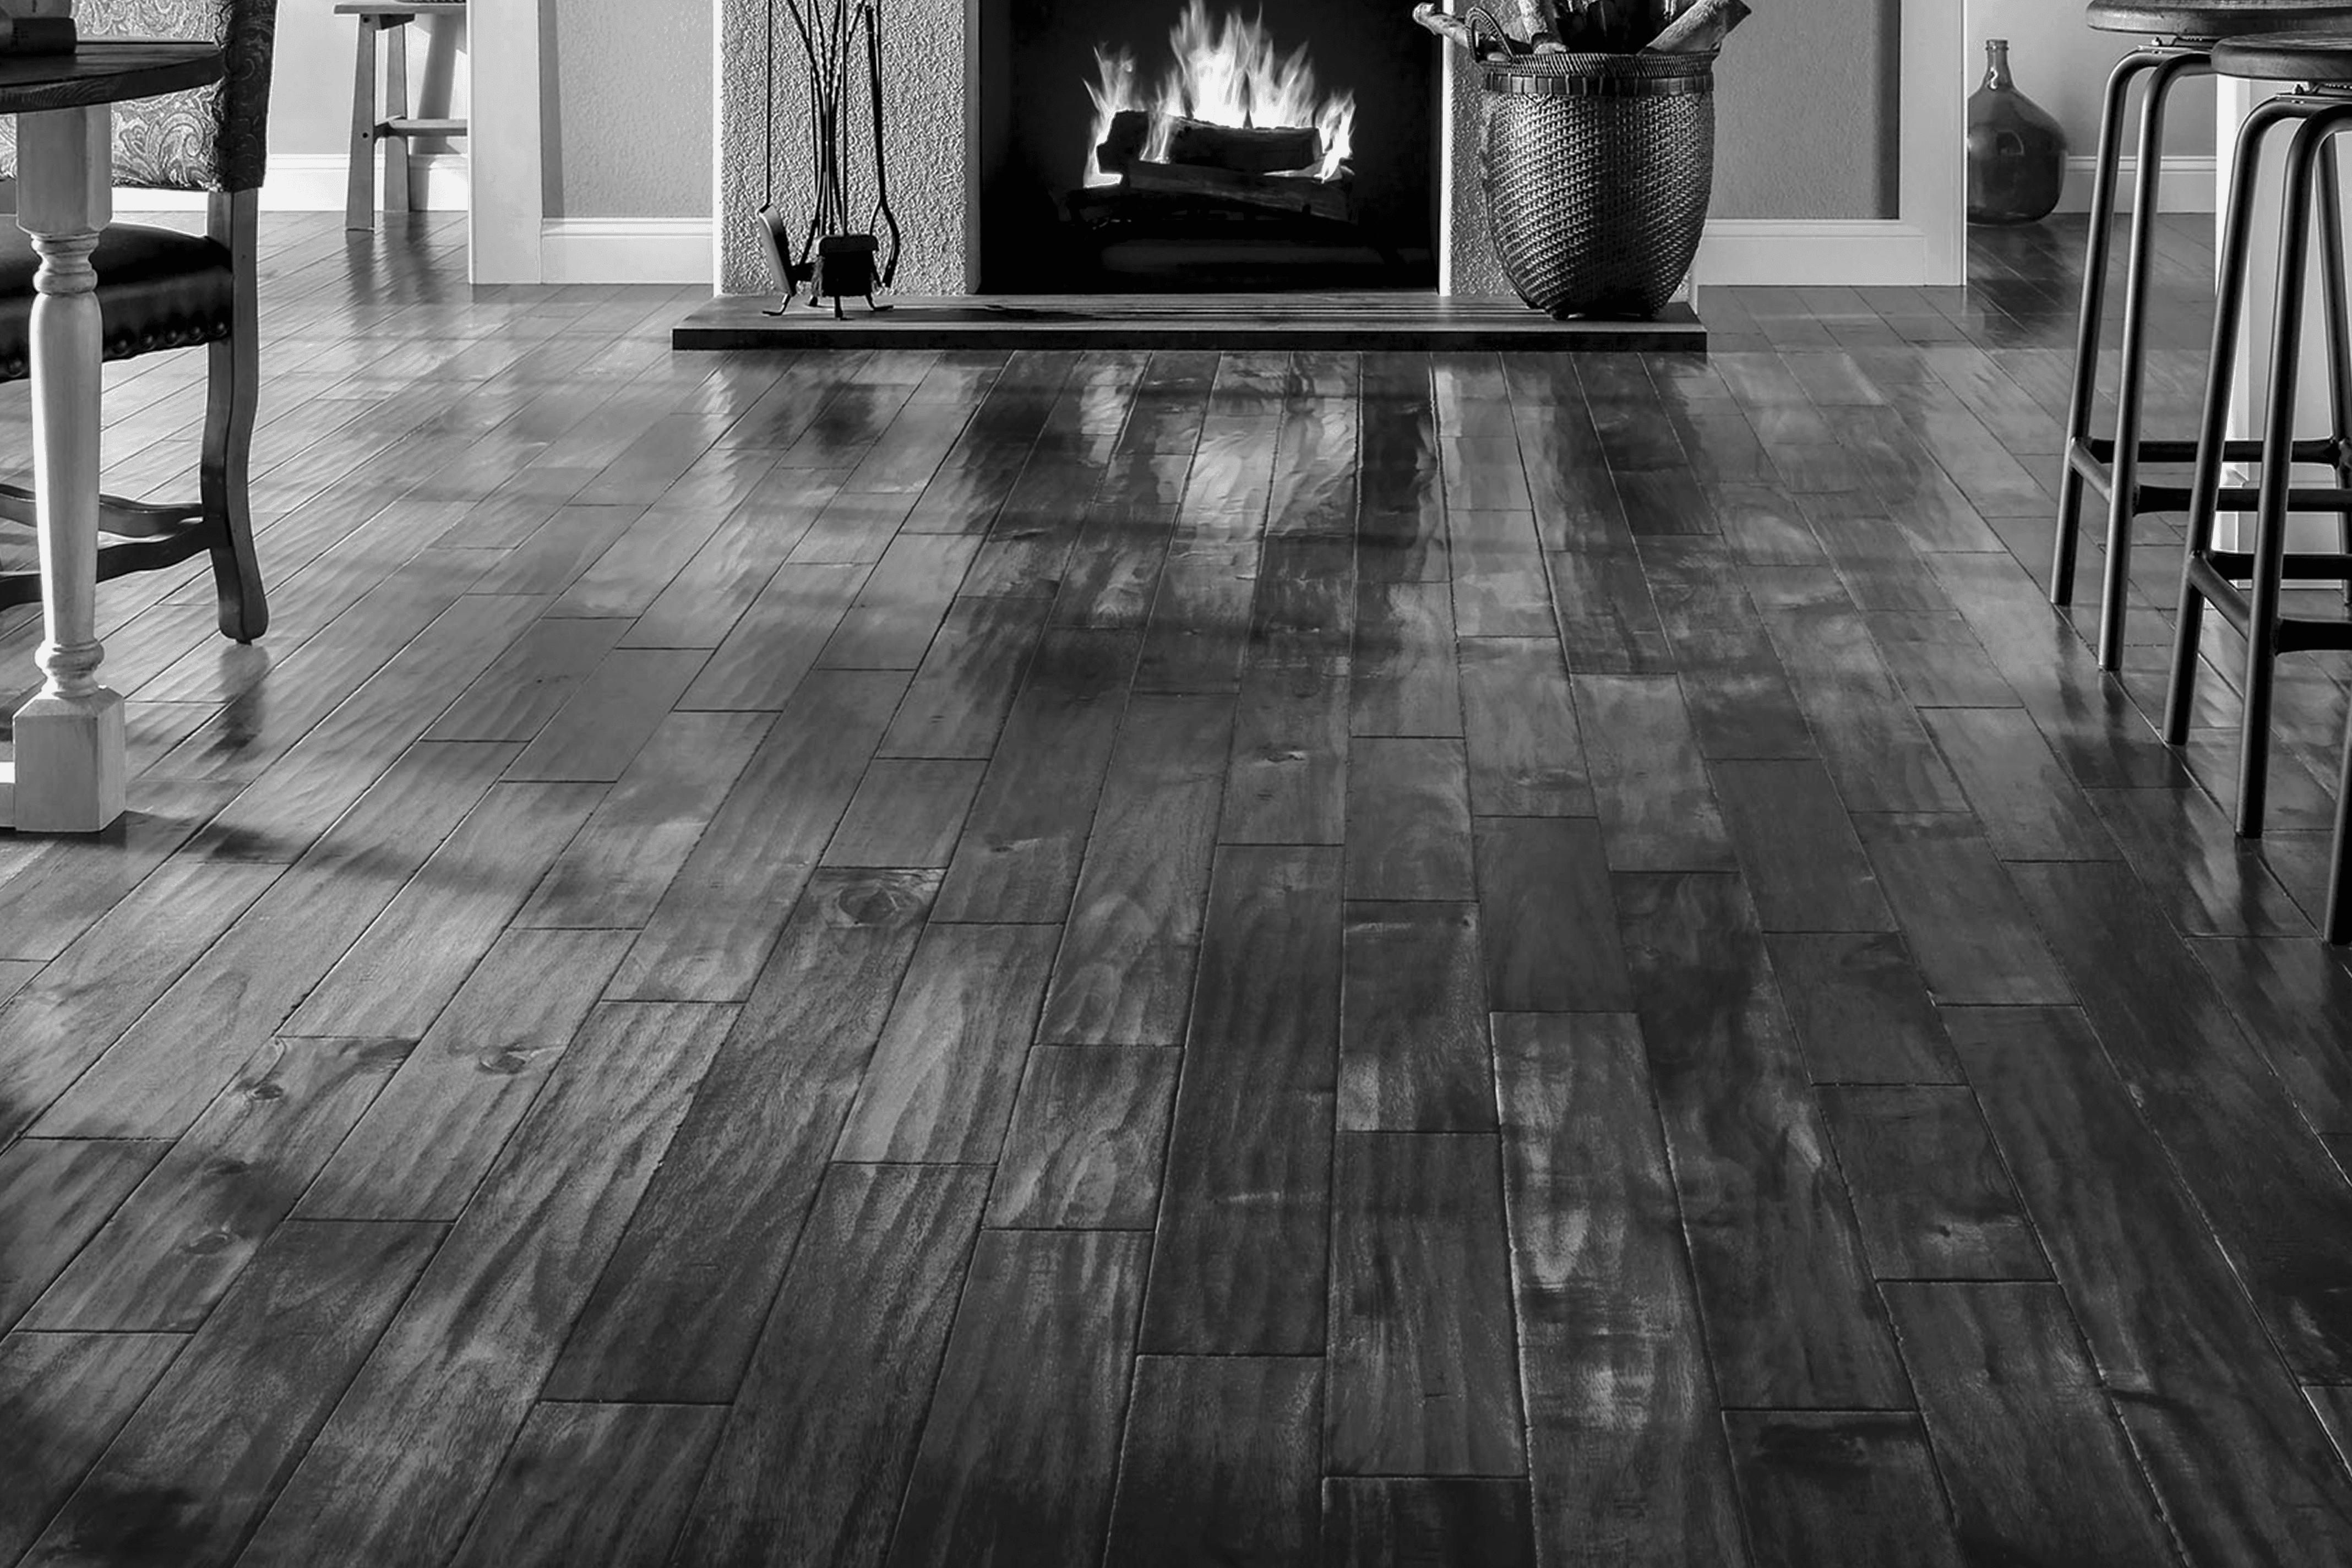 El jonuco pisos de madera tel 3619 8110 duela deck - Duelas de madera ...